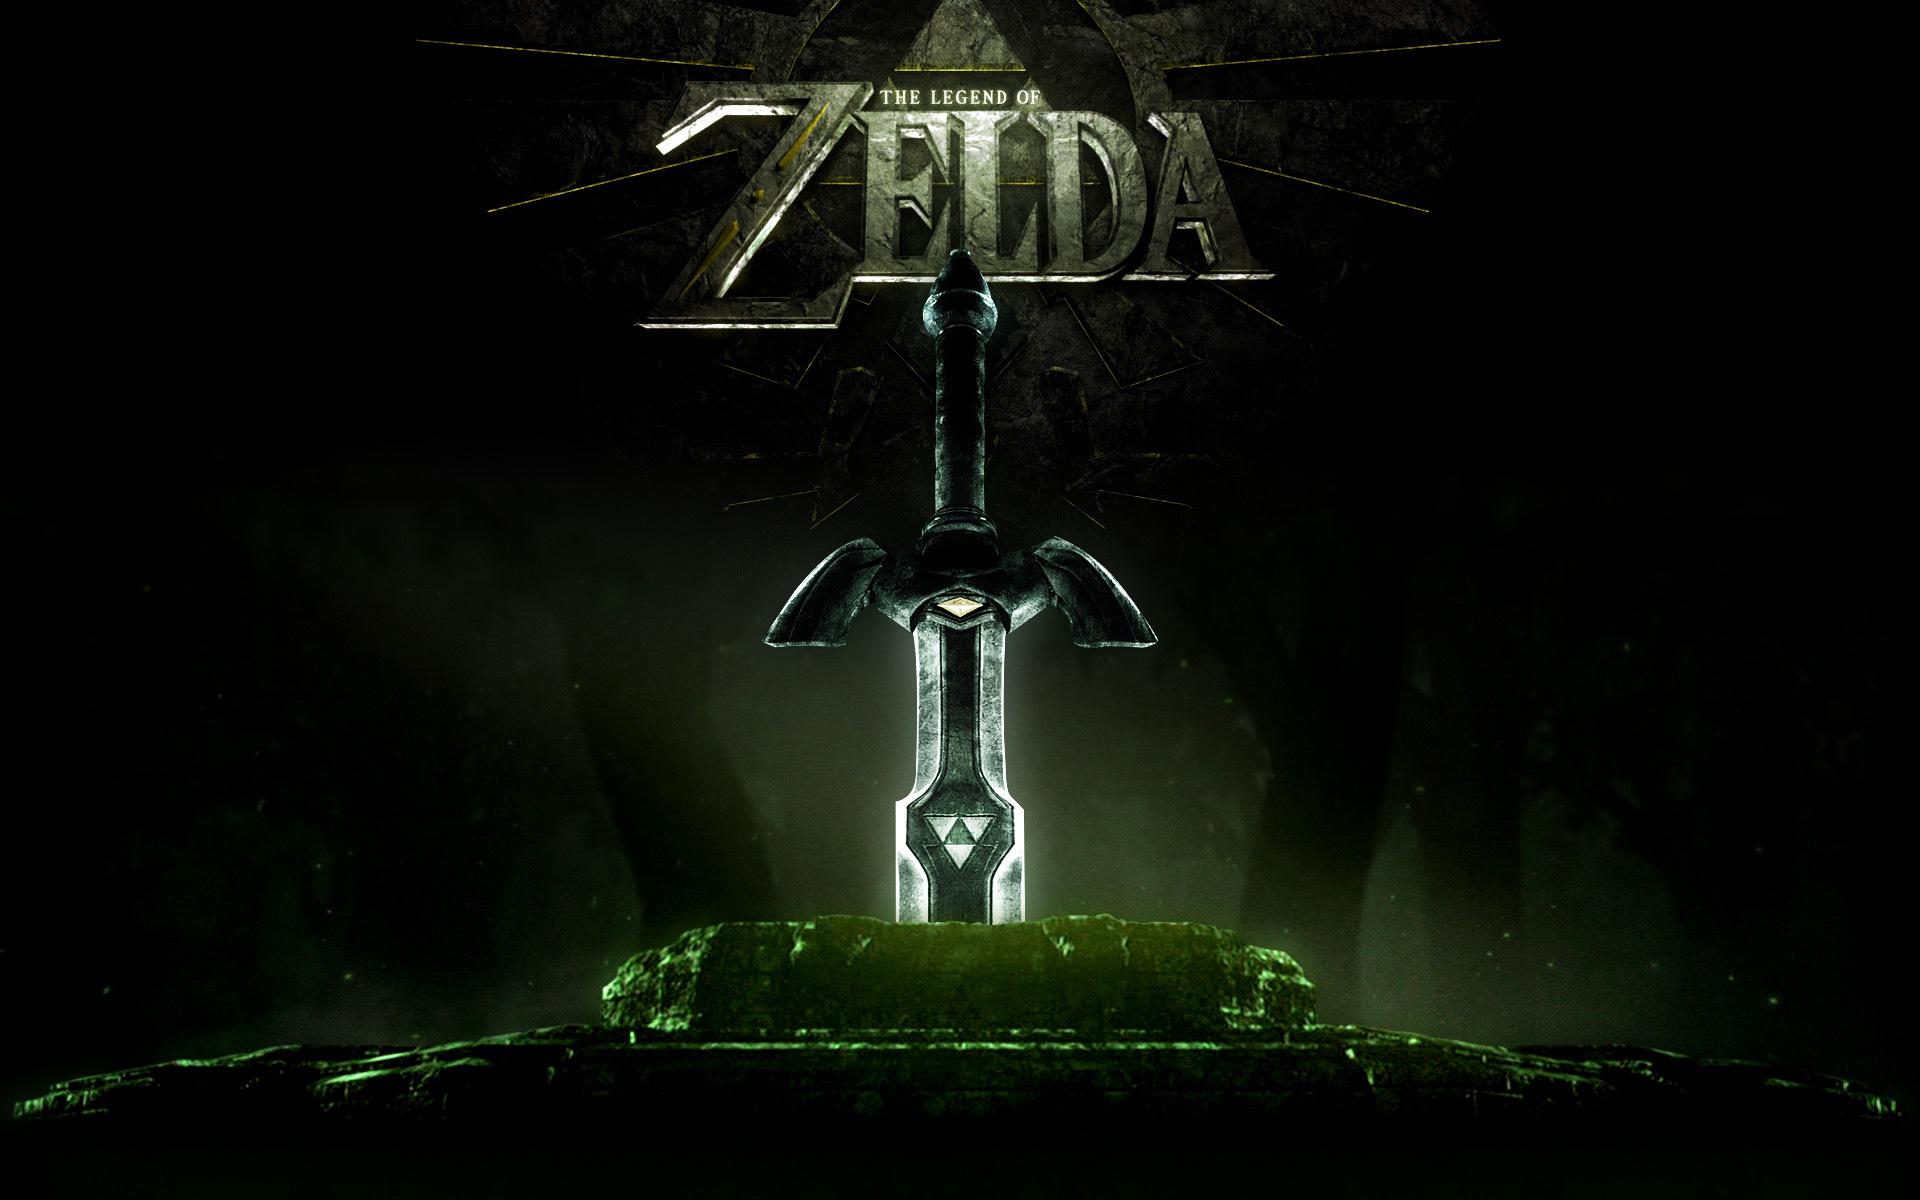 Master Sword Wallpaper   The Legend of Zelda Wallpaper 1920x1200